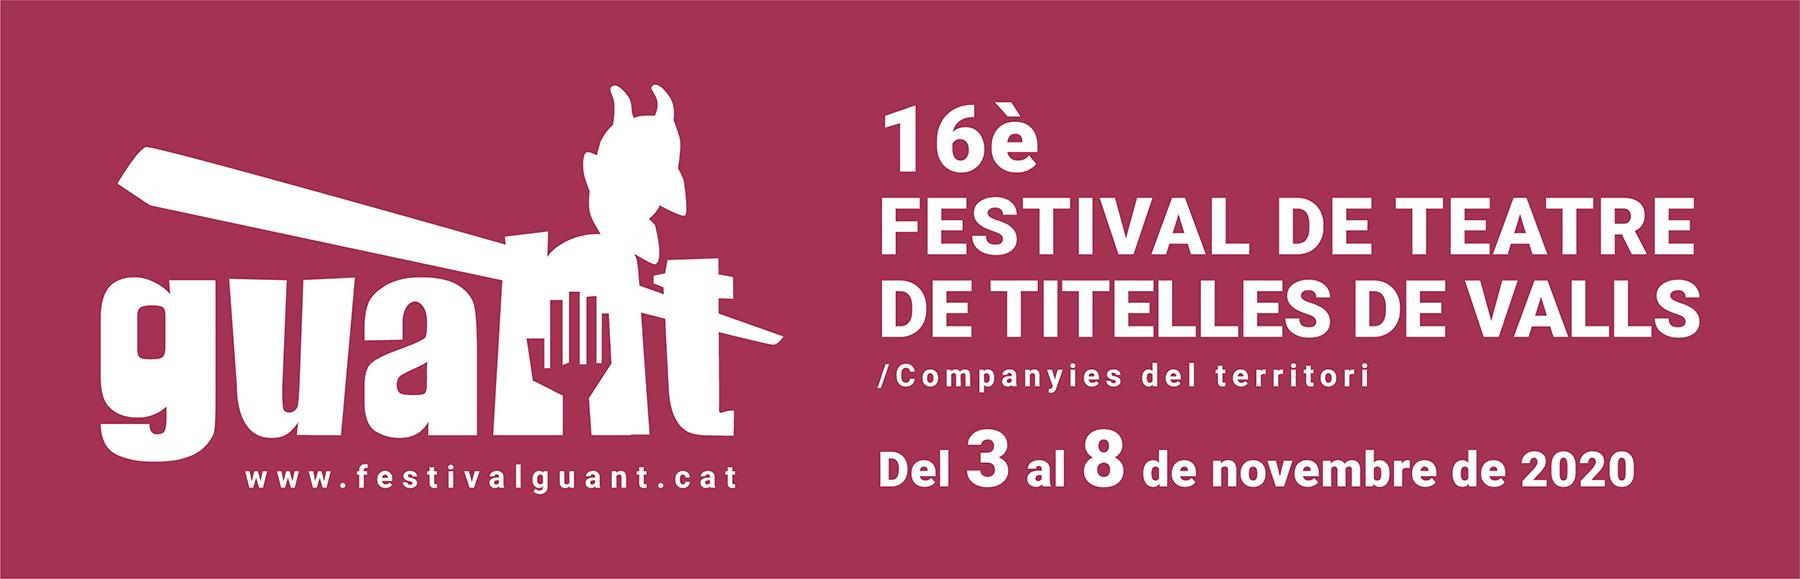 16è Festival internacional de teatre de titelles de Valls